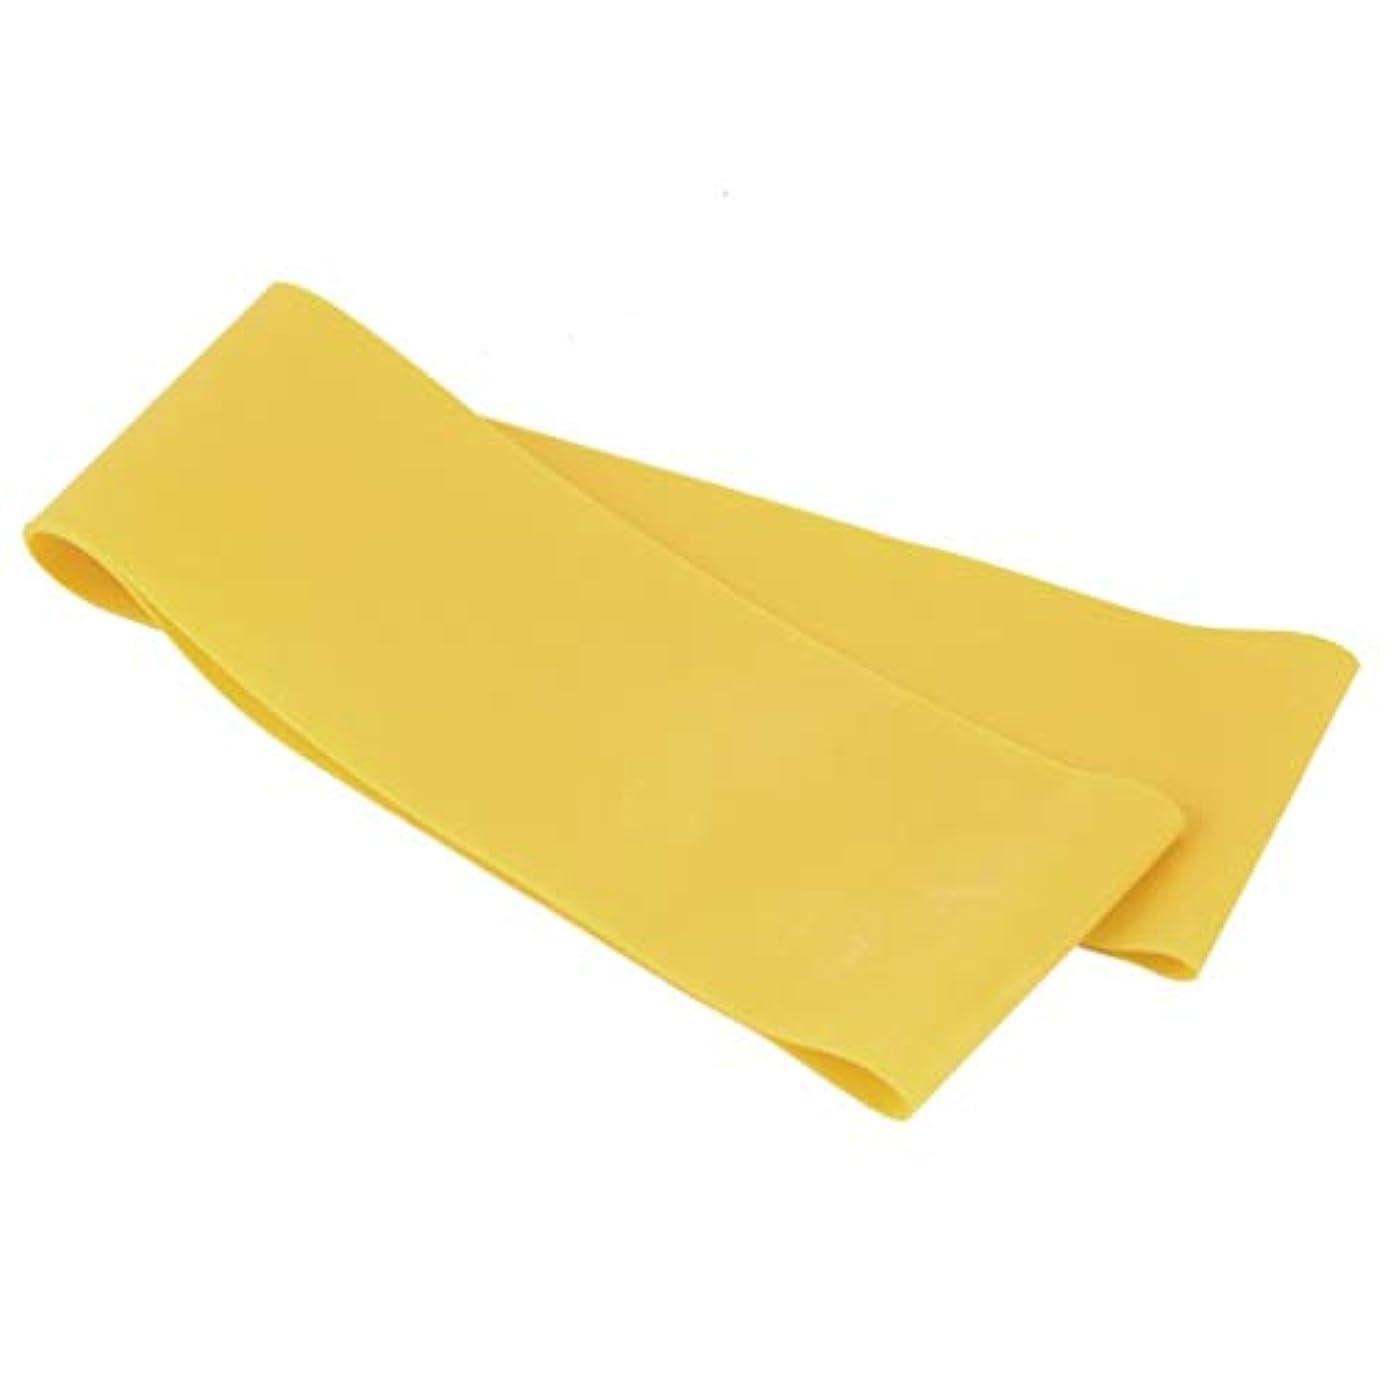 スカルク選択する首謀者滑り止めの伸縮性のあるゴム製伸縮性があるヨガのベルトバンド引きロープの張力抵抗バンドループ強さのためのフィットネスヨガツール - 黄色